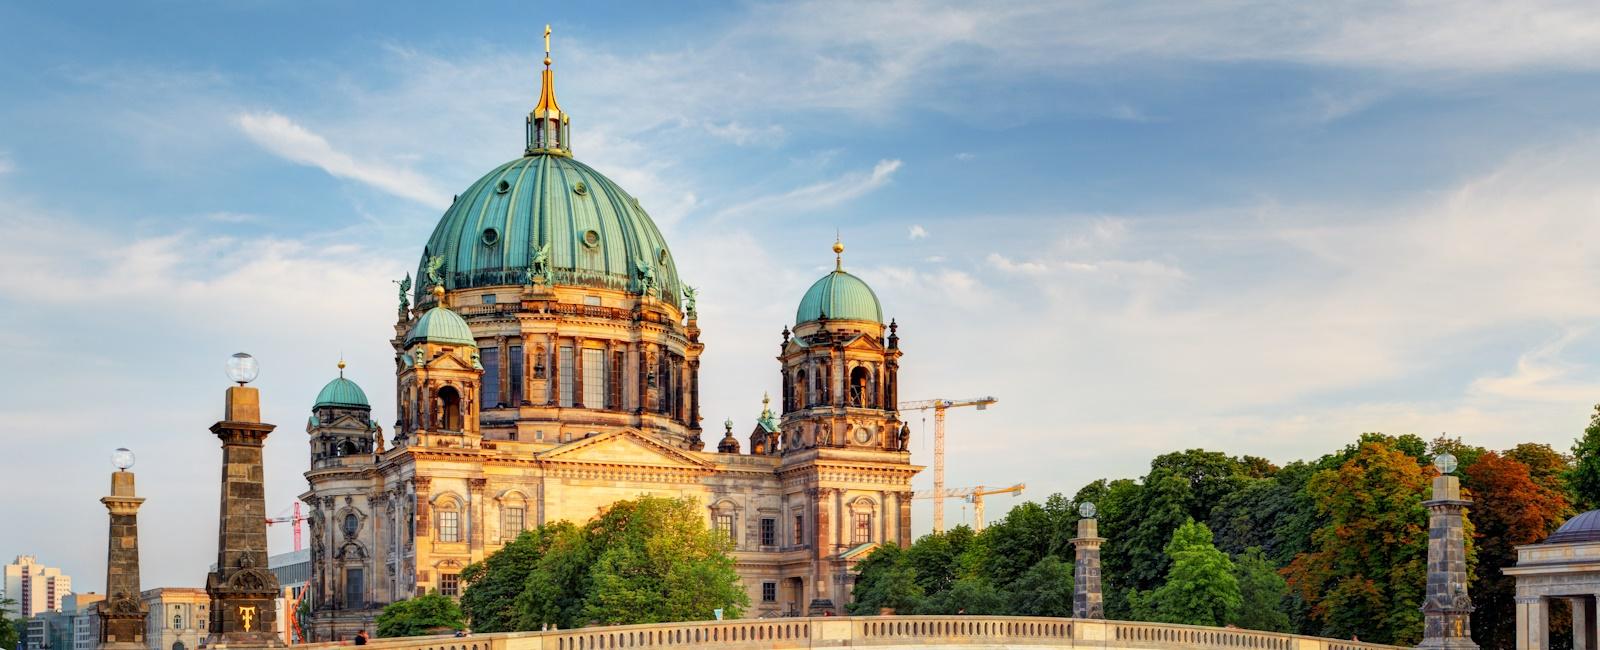 Luxury Germany Holidays